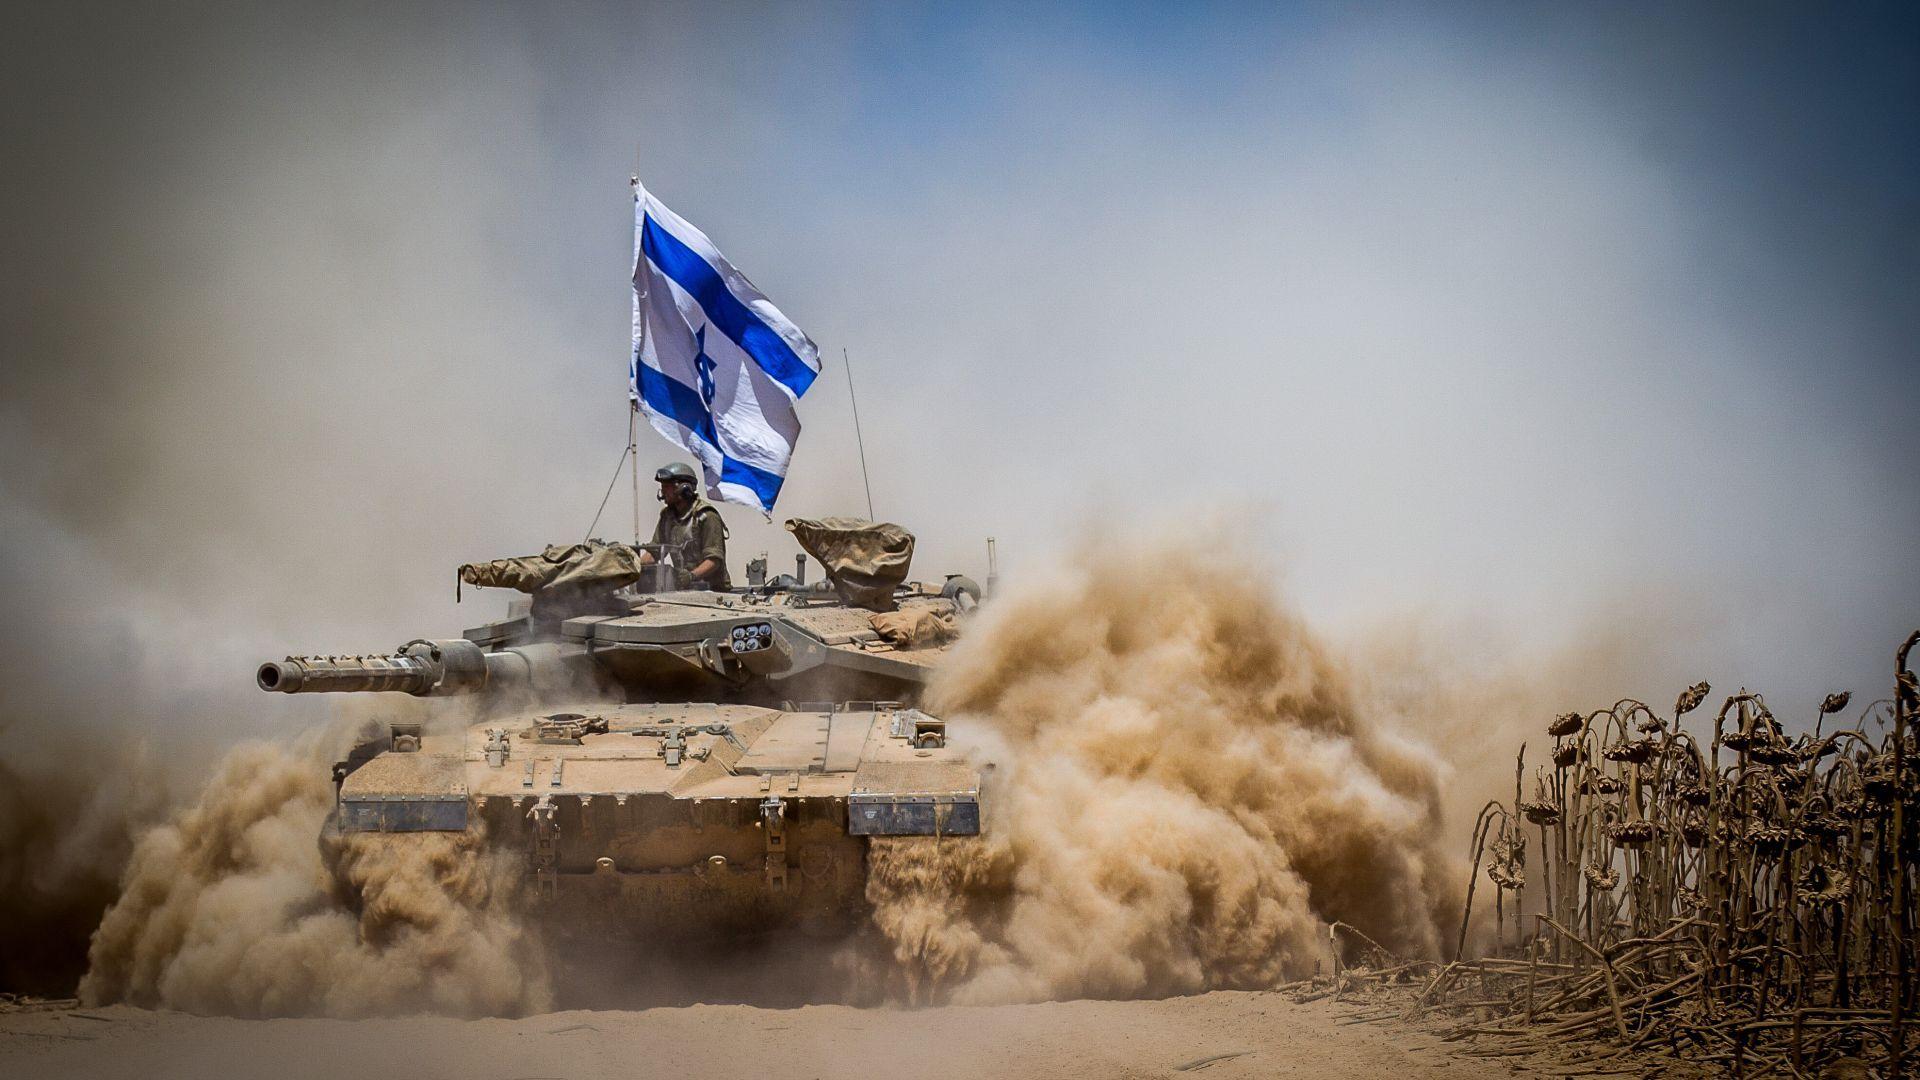 Wallpaper Merkava Mark Iv Tank Flag Israel Army Israel Defense